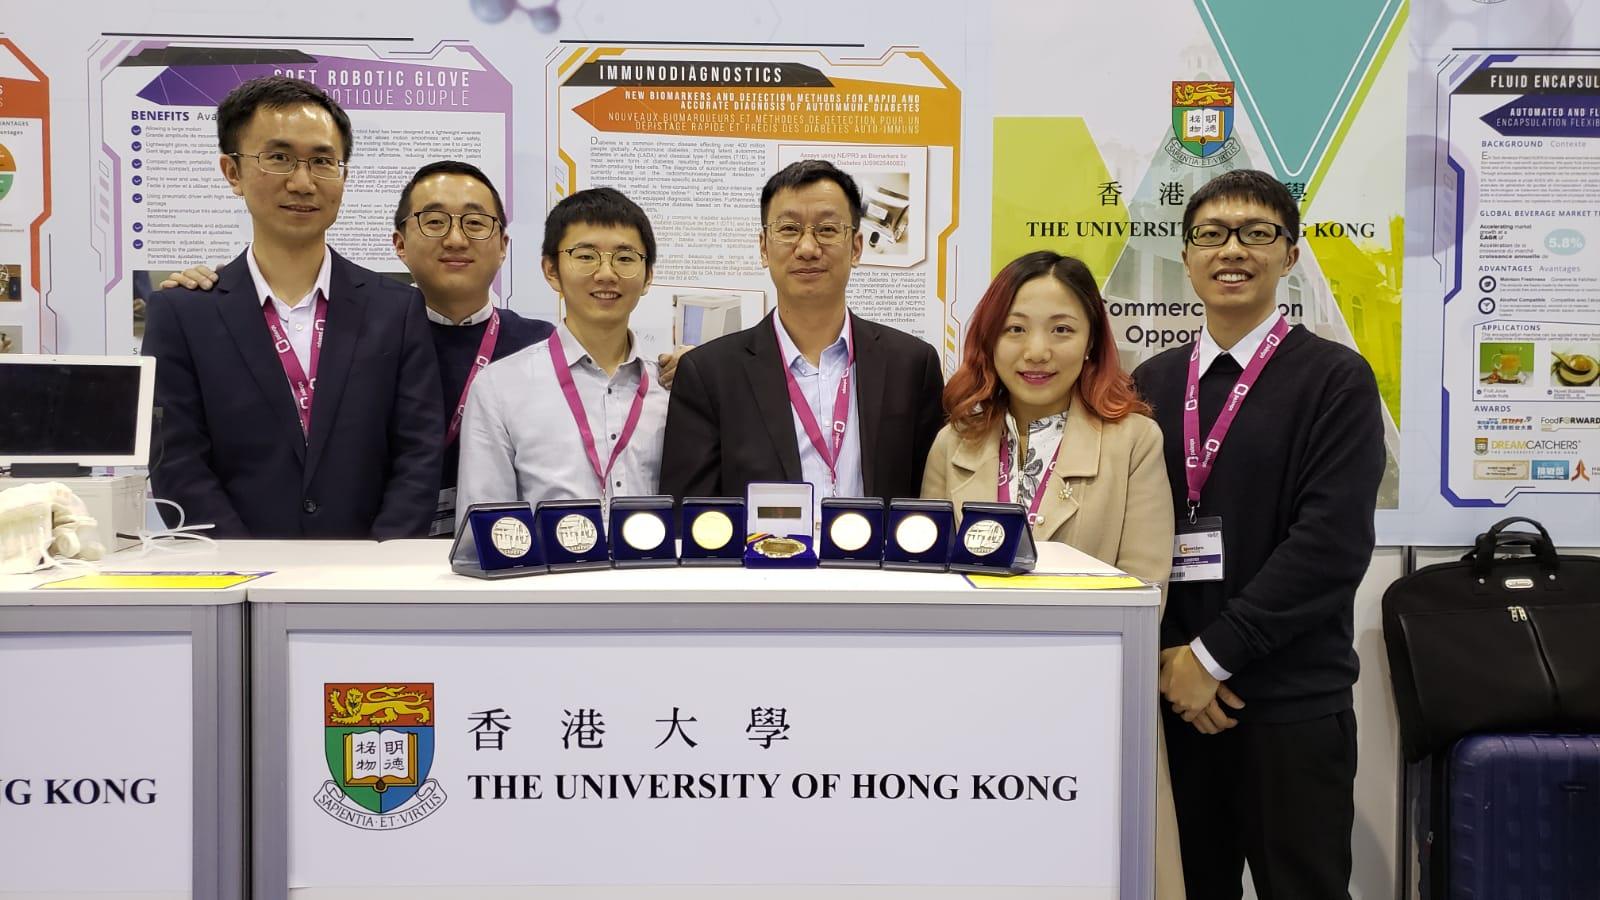 香港大學發明的透明導電膜獲評判特別嘉許金獎。